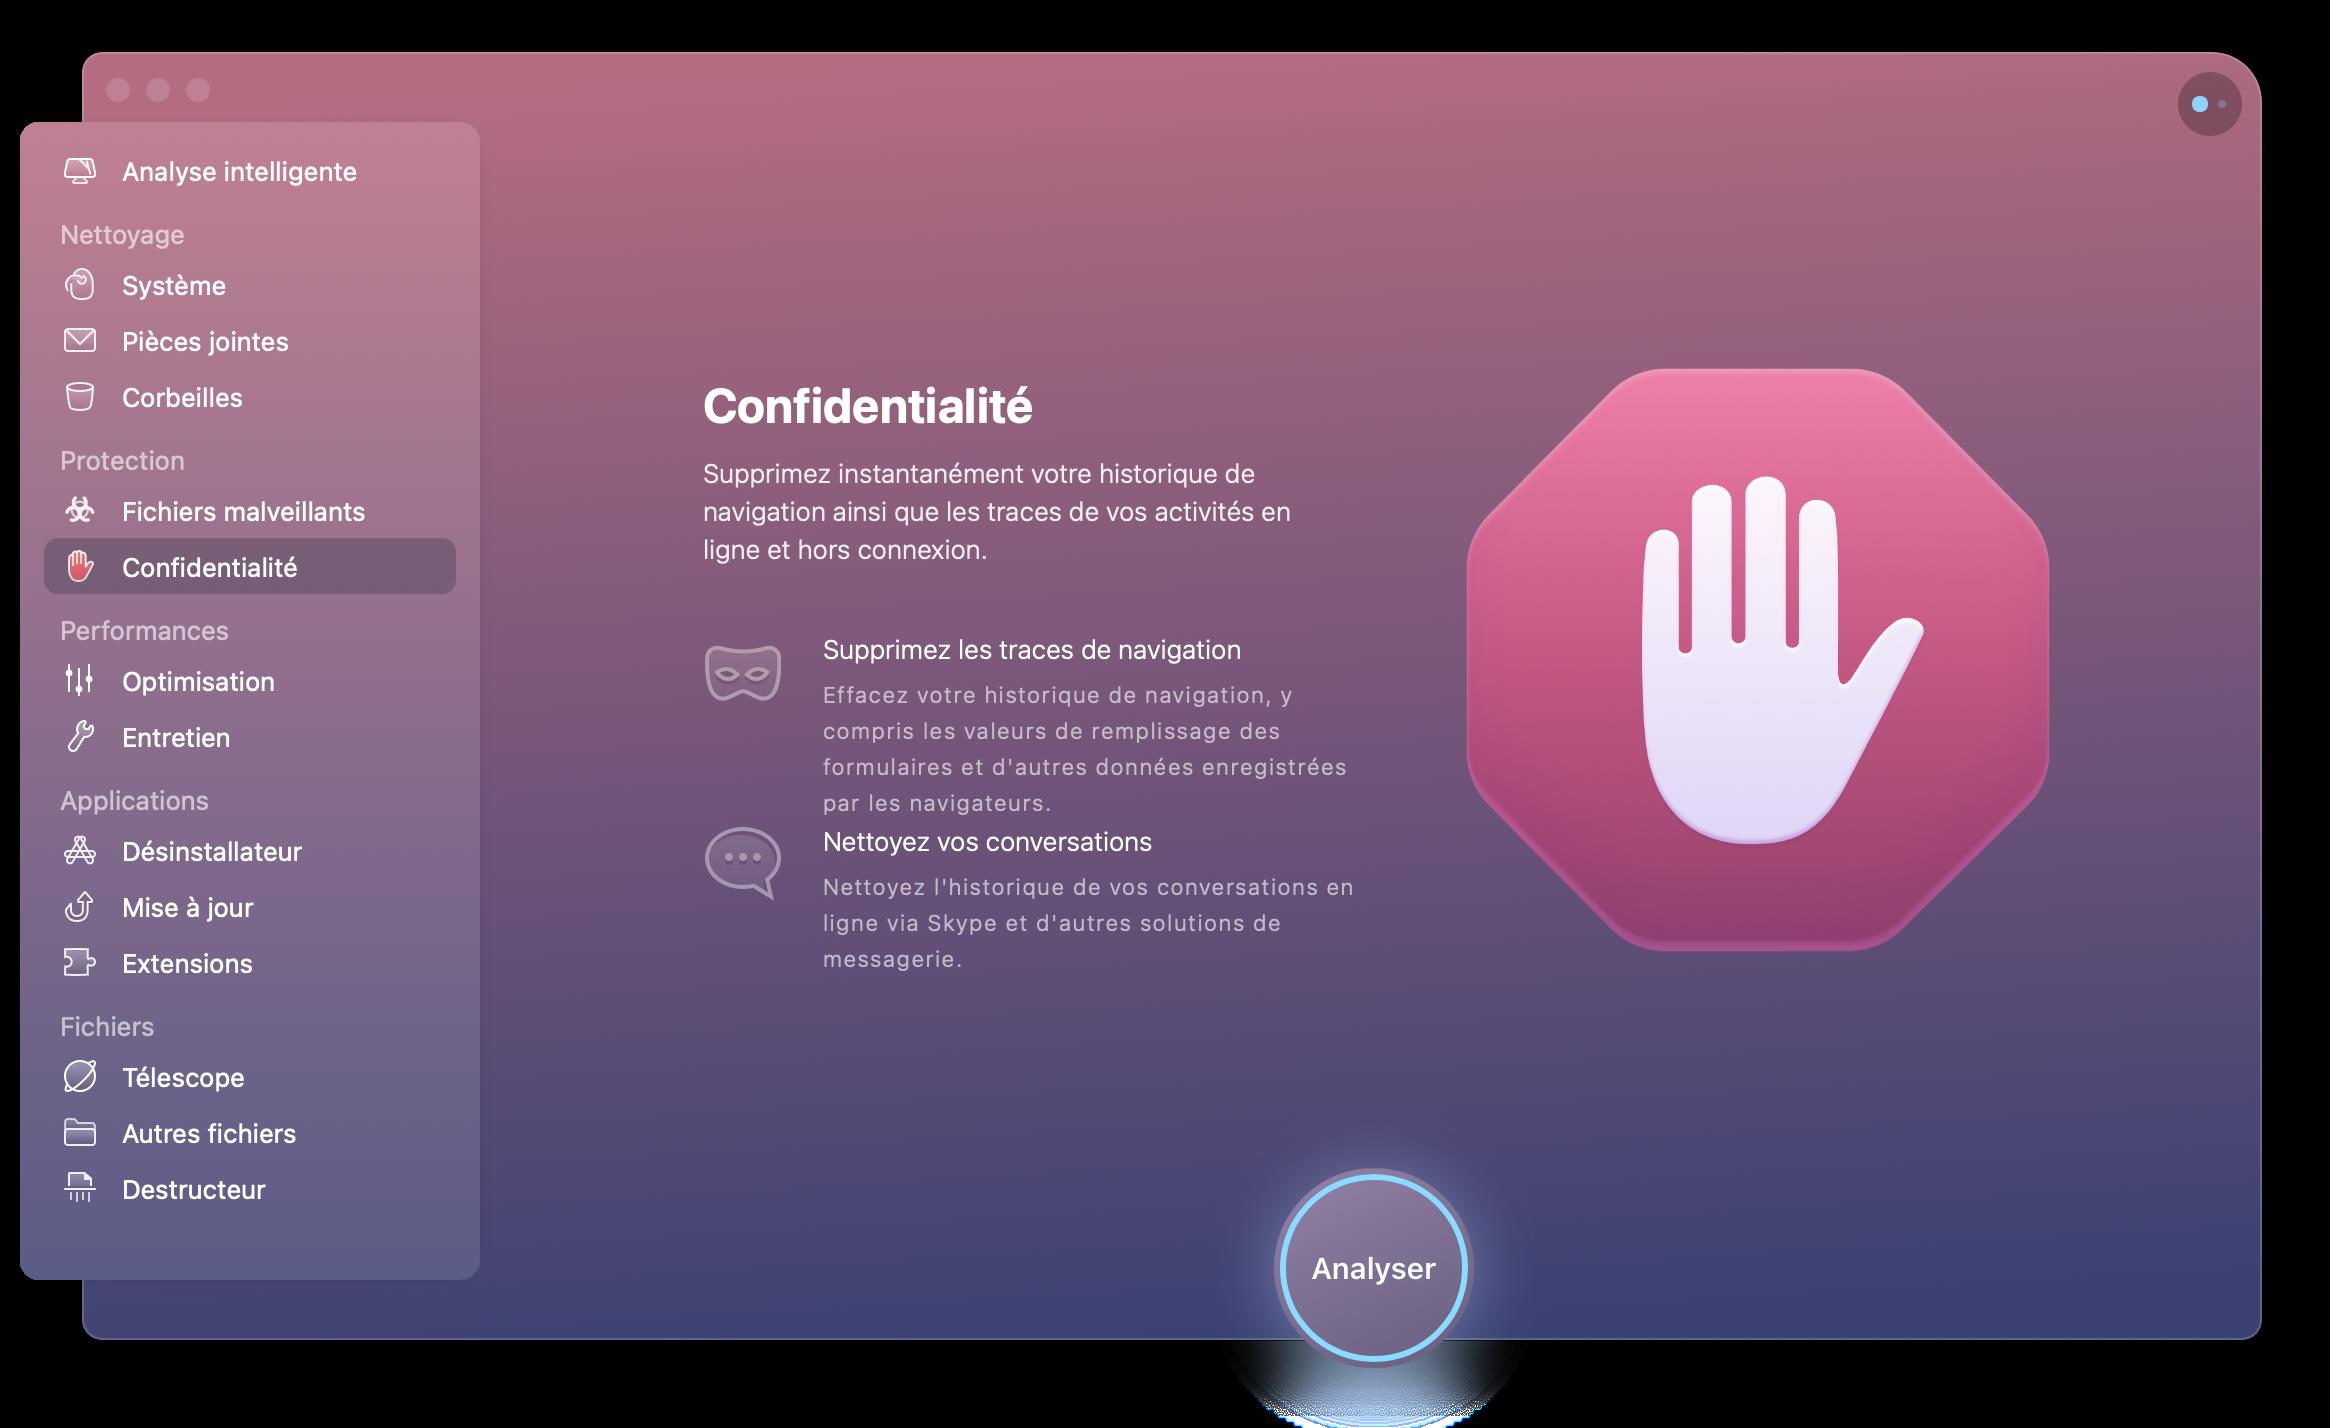 CleanMyMac X Confidentialité